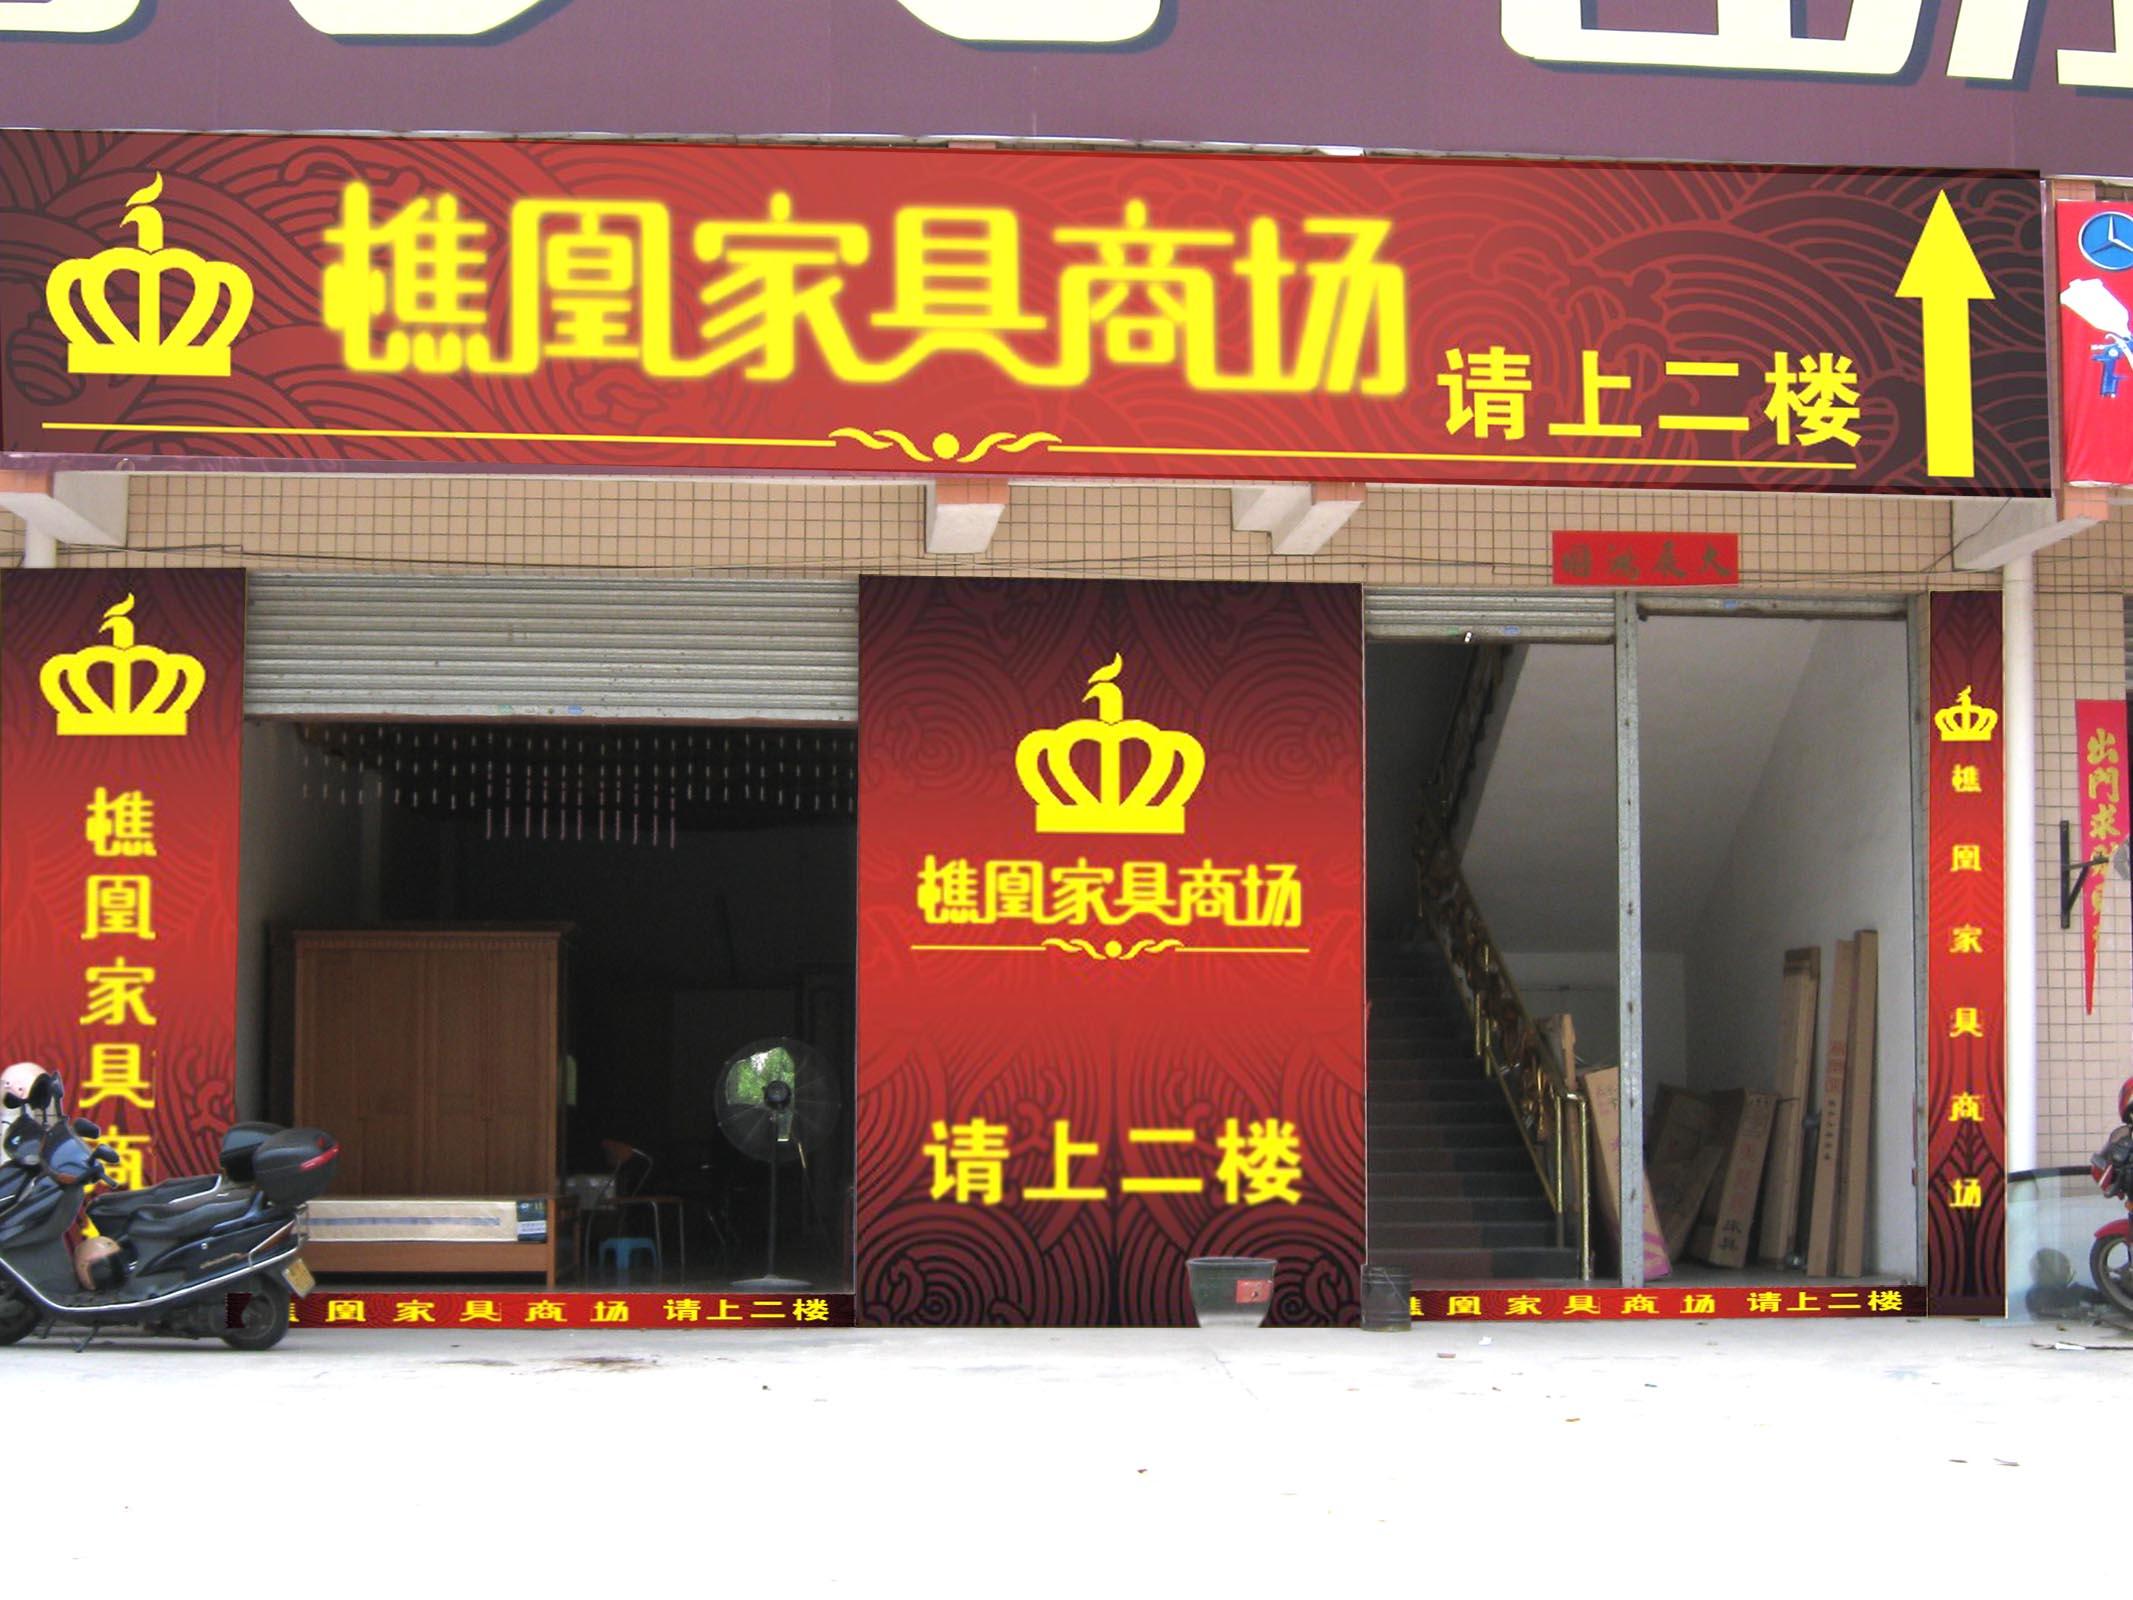 家具商場門頭設計,梯級橫幅